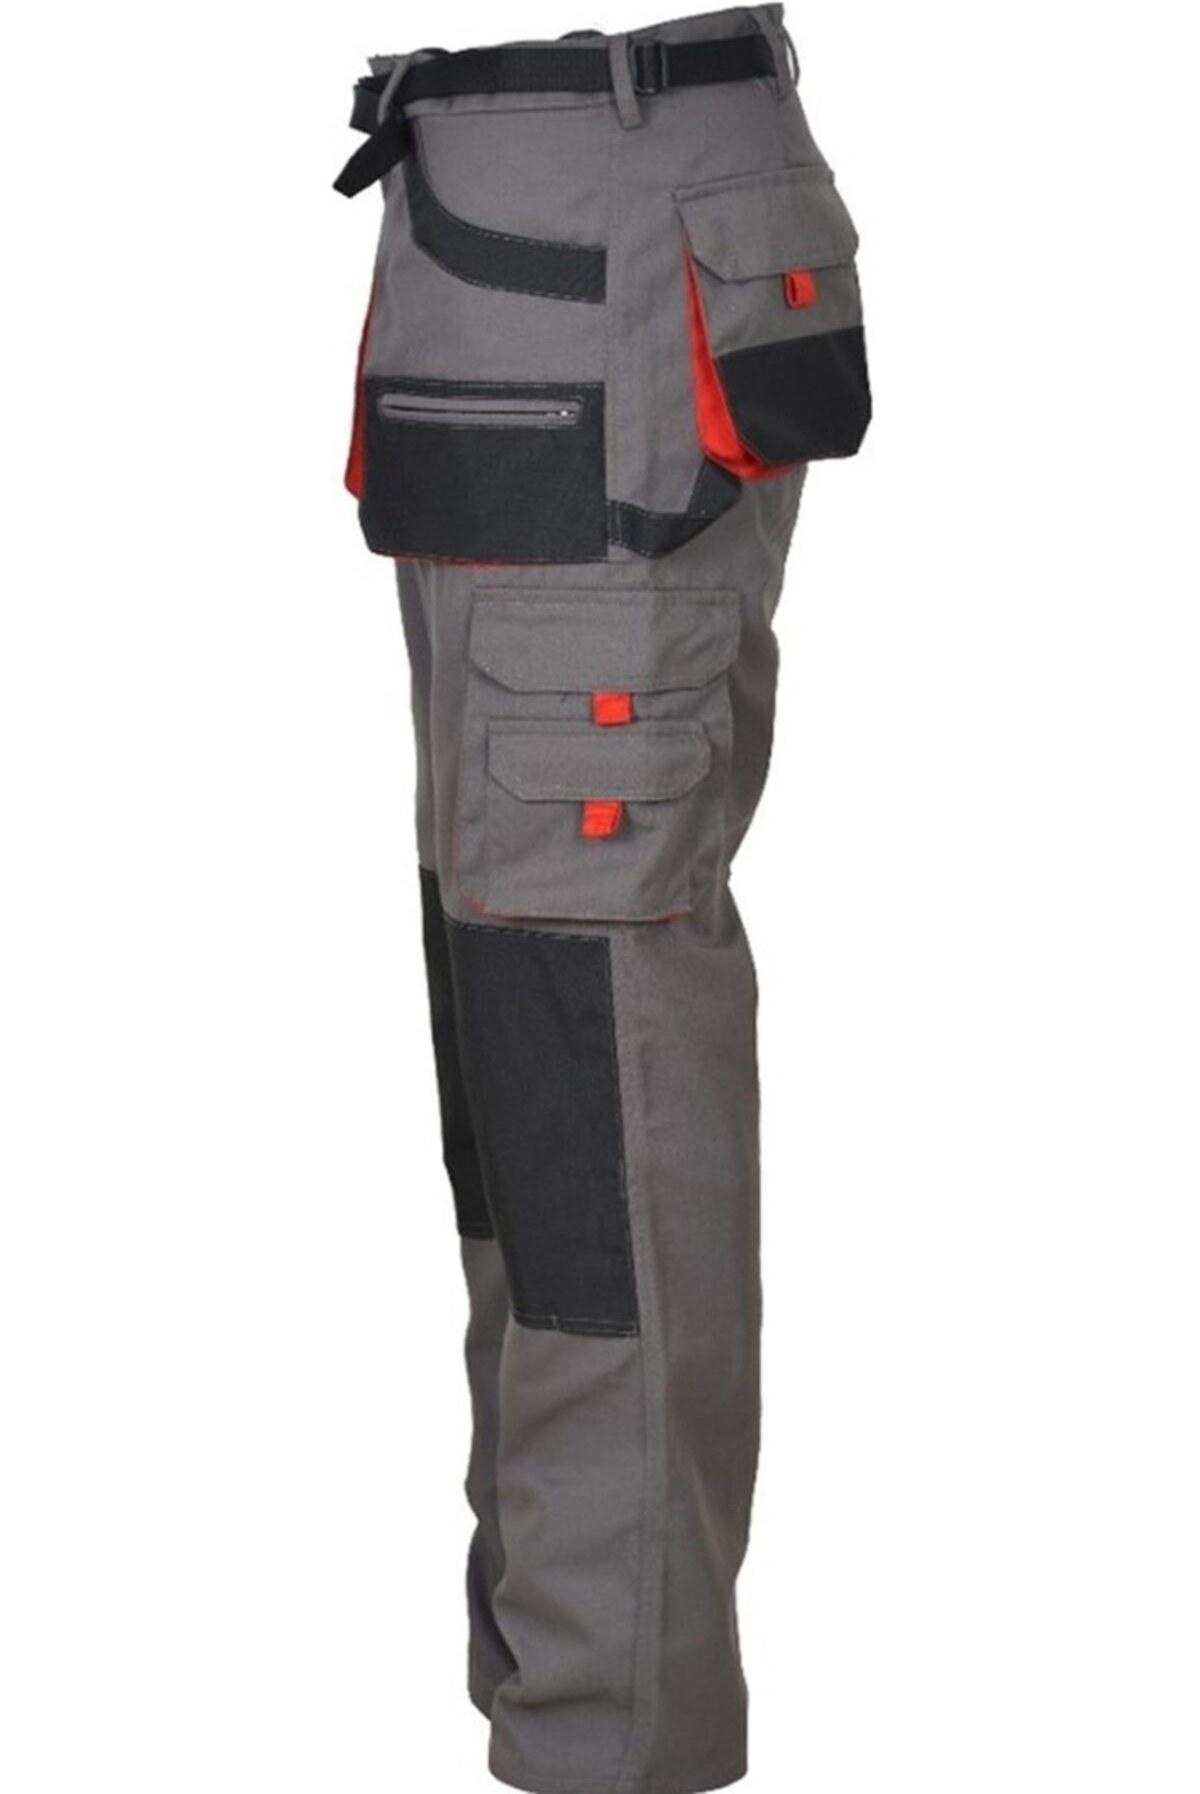 تصویر خرید پستی شلوار ورزشی شیک مردانه برند Ysf رنگ نقره ای کد ty39627348